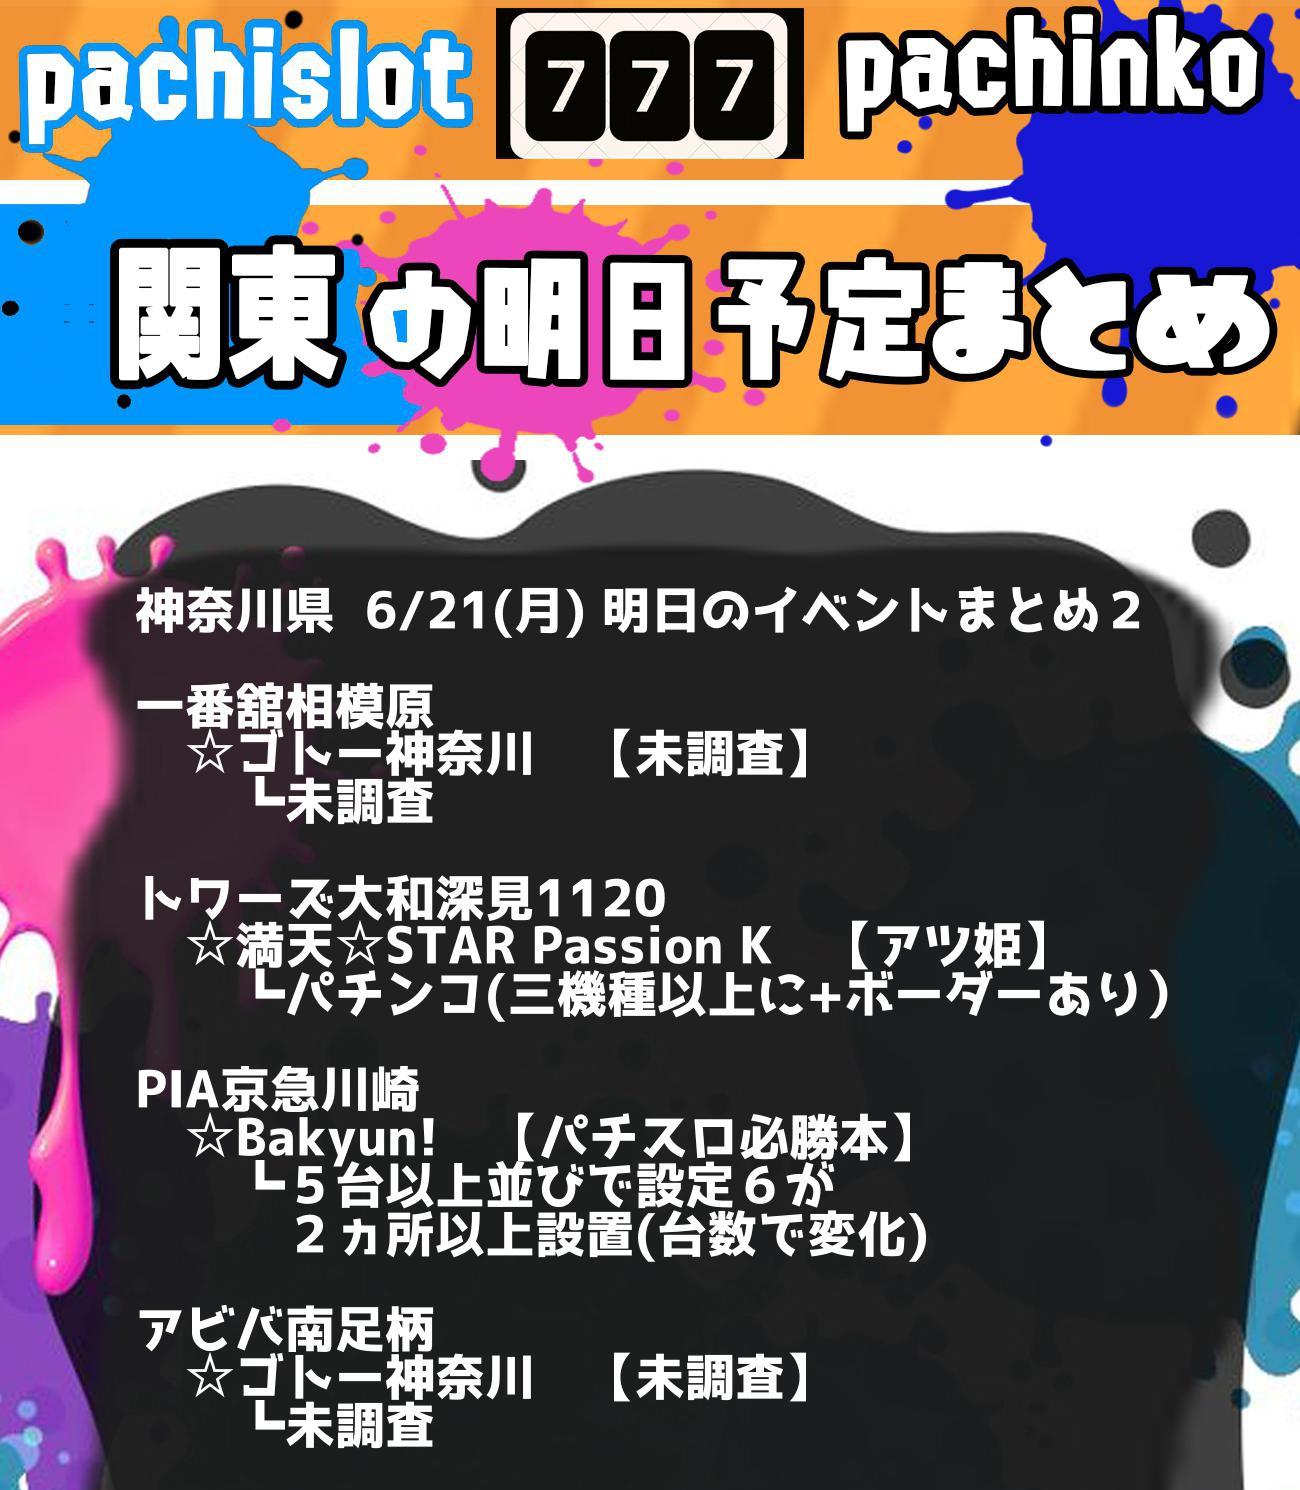 神奈川県_2021-06-21_パチンコ・パチスロ_イベント